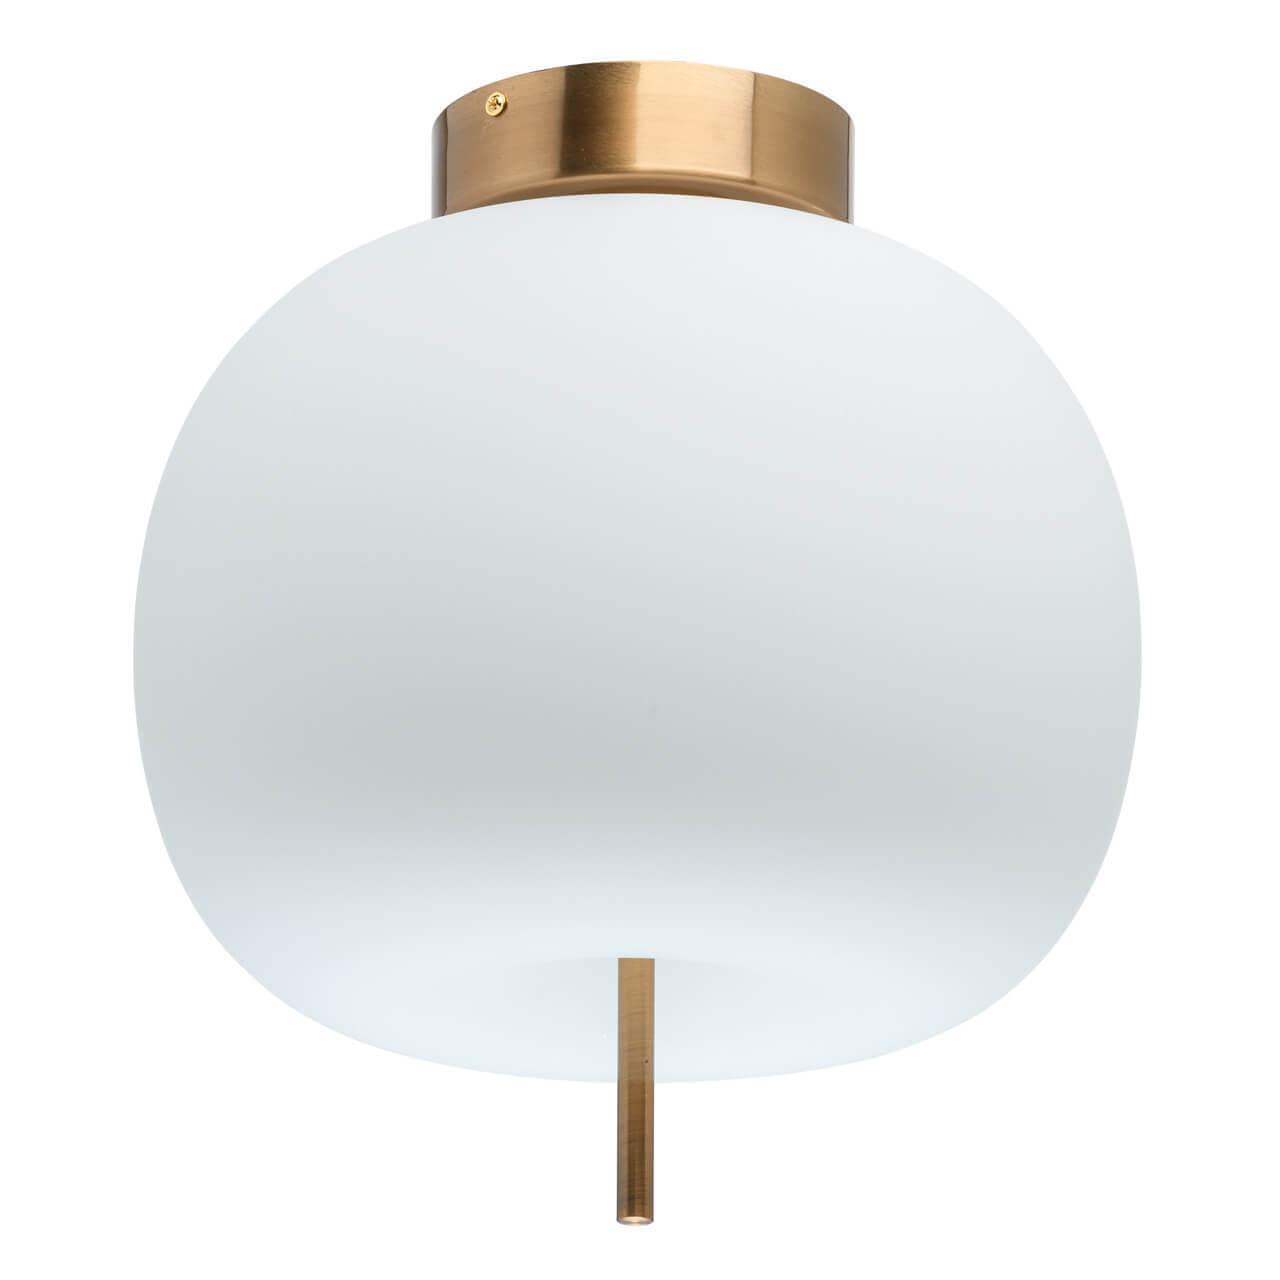 Светильник De Markt 722010101 Ауксис 1 настольная лампа ауксис de markt настольная лампа ауксис